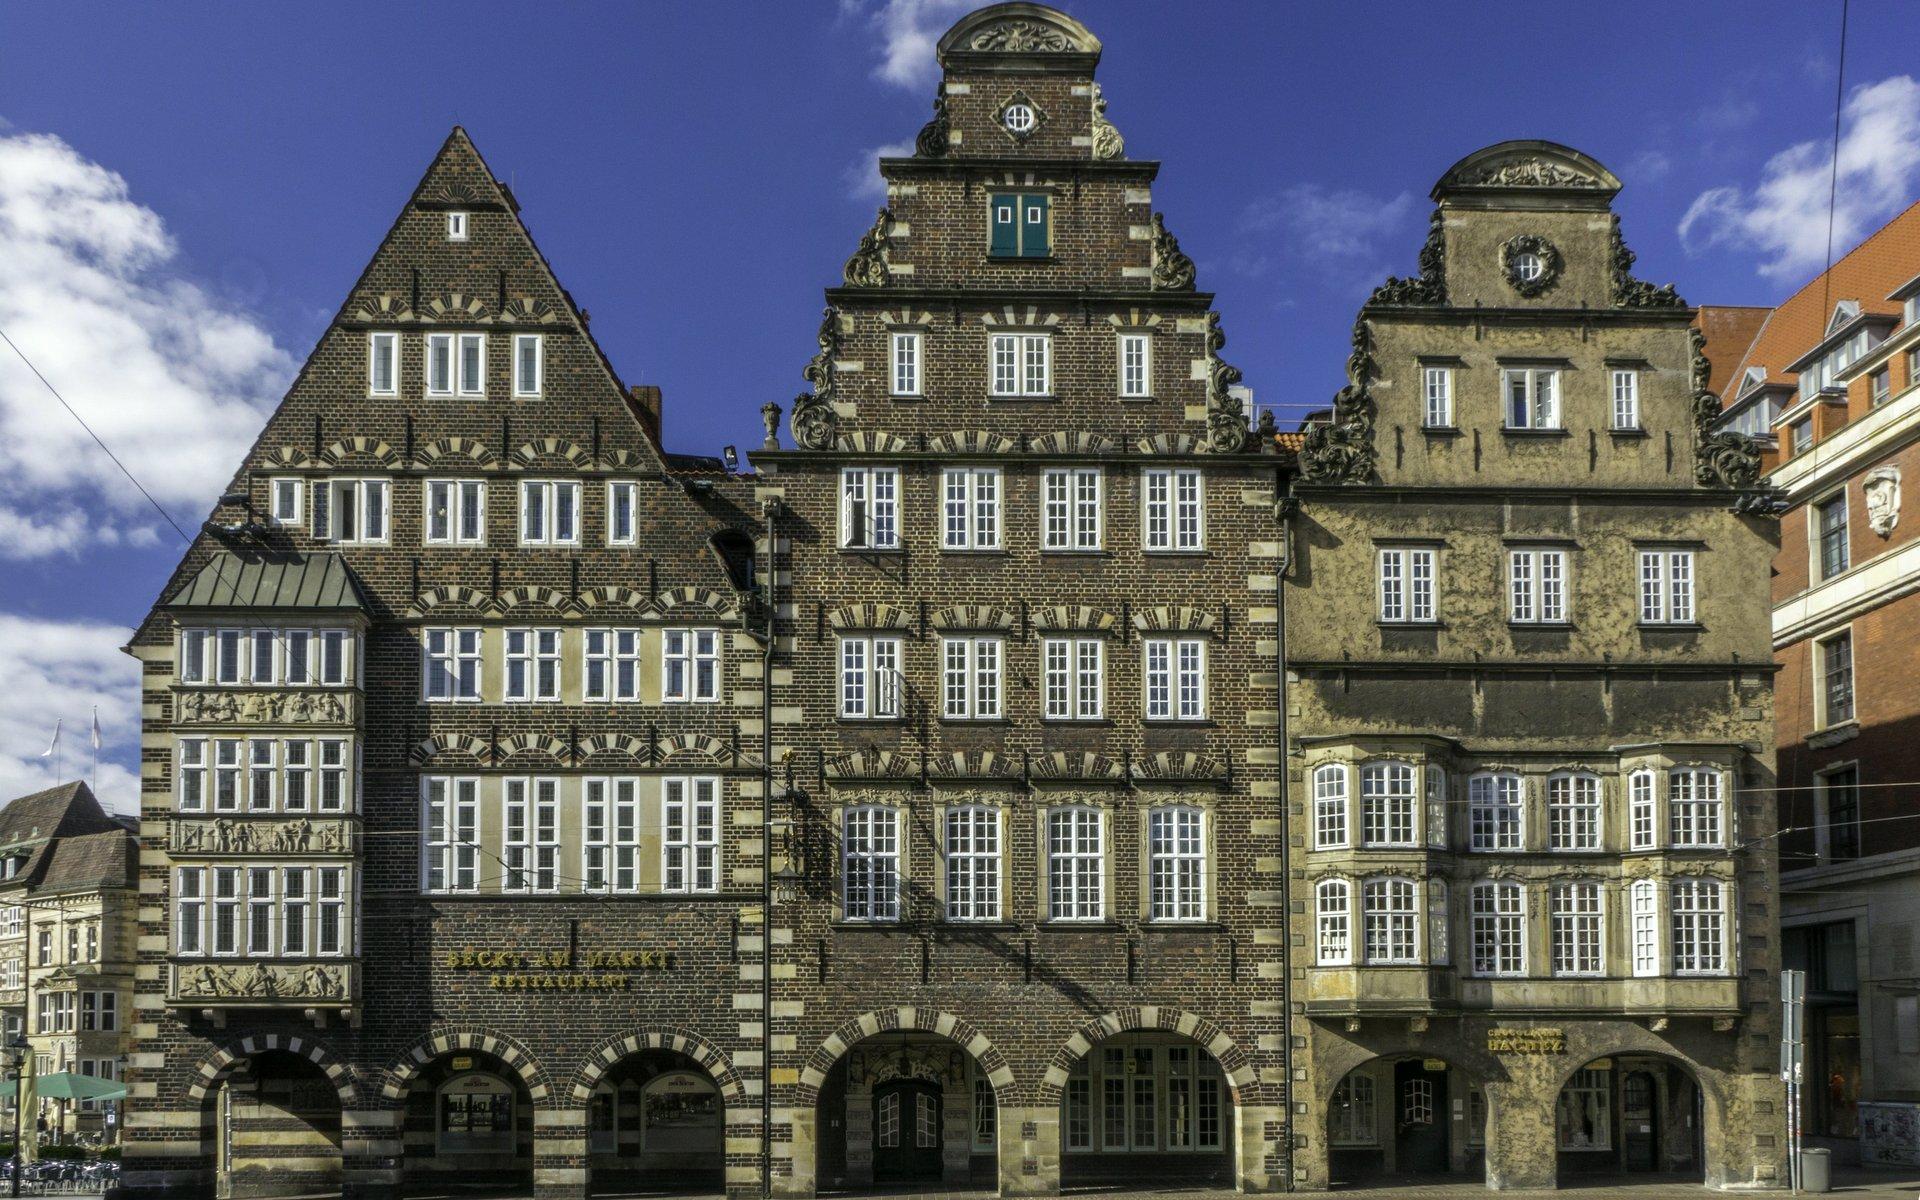 Häuser am Unser Lieben Frauen Kirchhof in Bremen